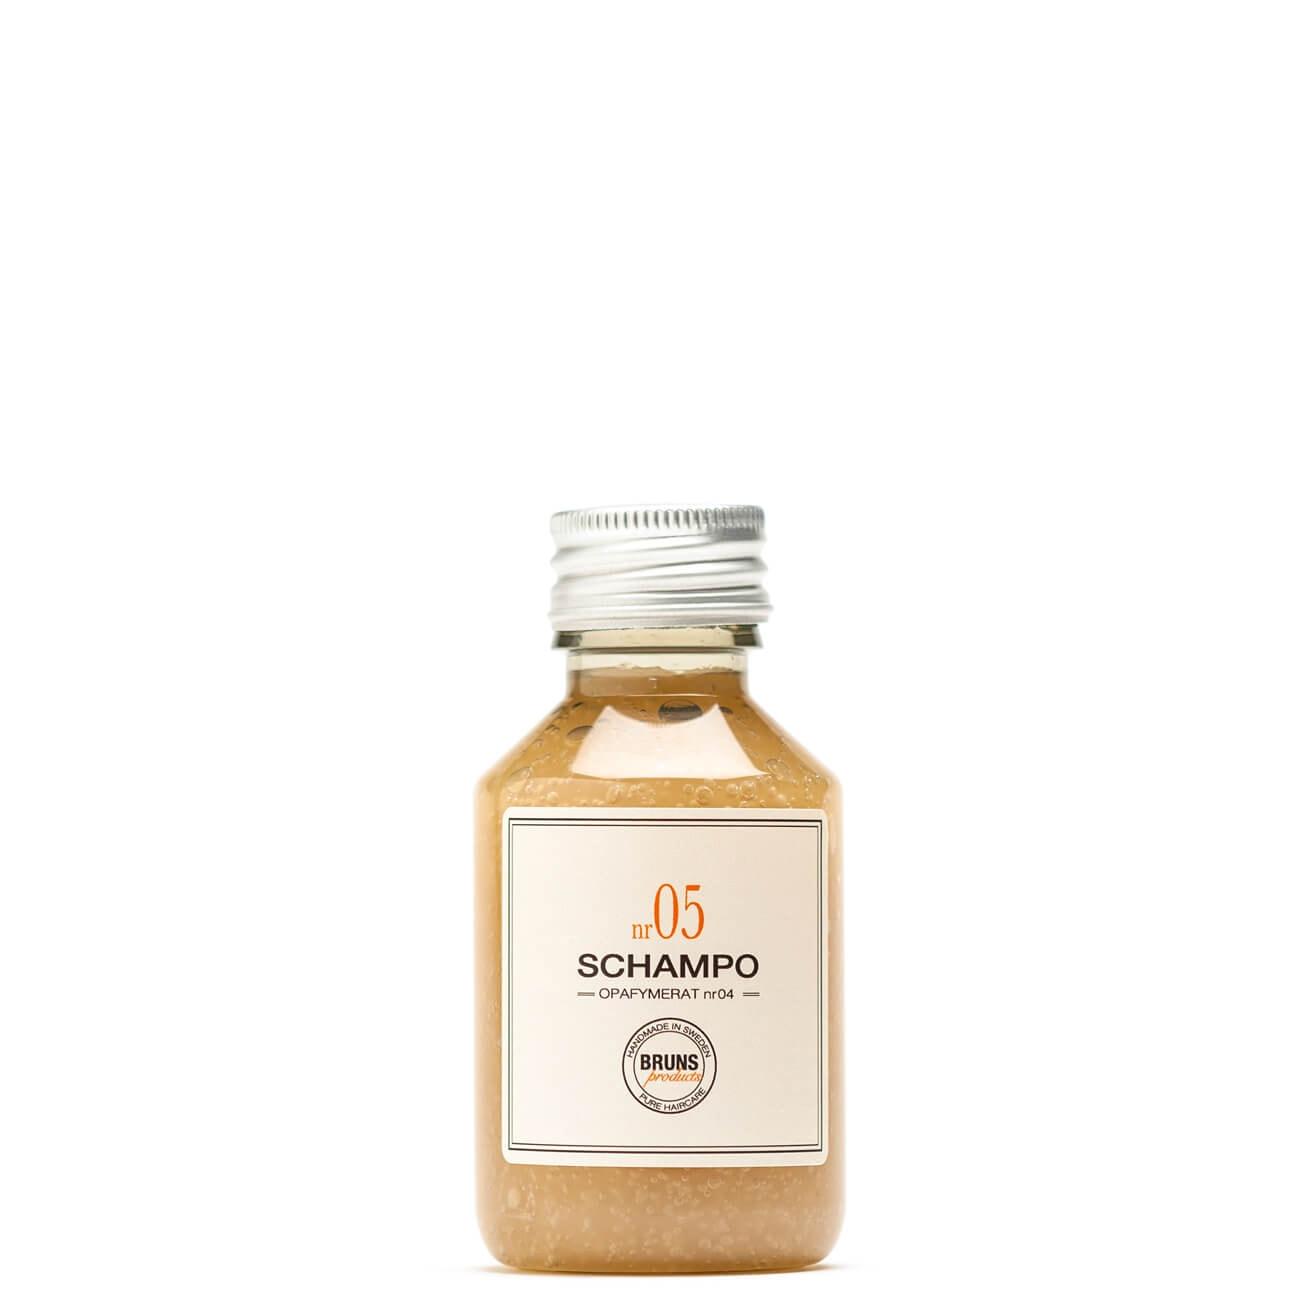 Bruns Products Schampo 05 Oparfymerat Detox 100ml- För allergiker, känslig hårbotten, fet hårbotten & som detox